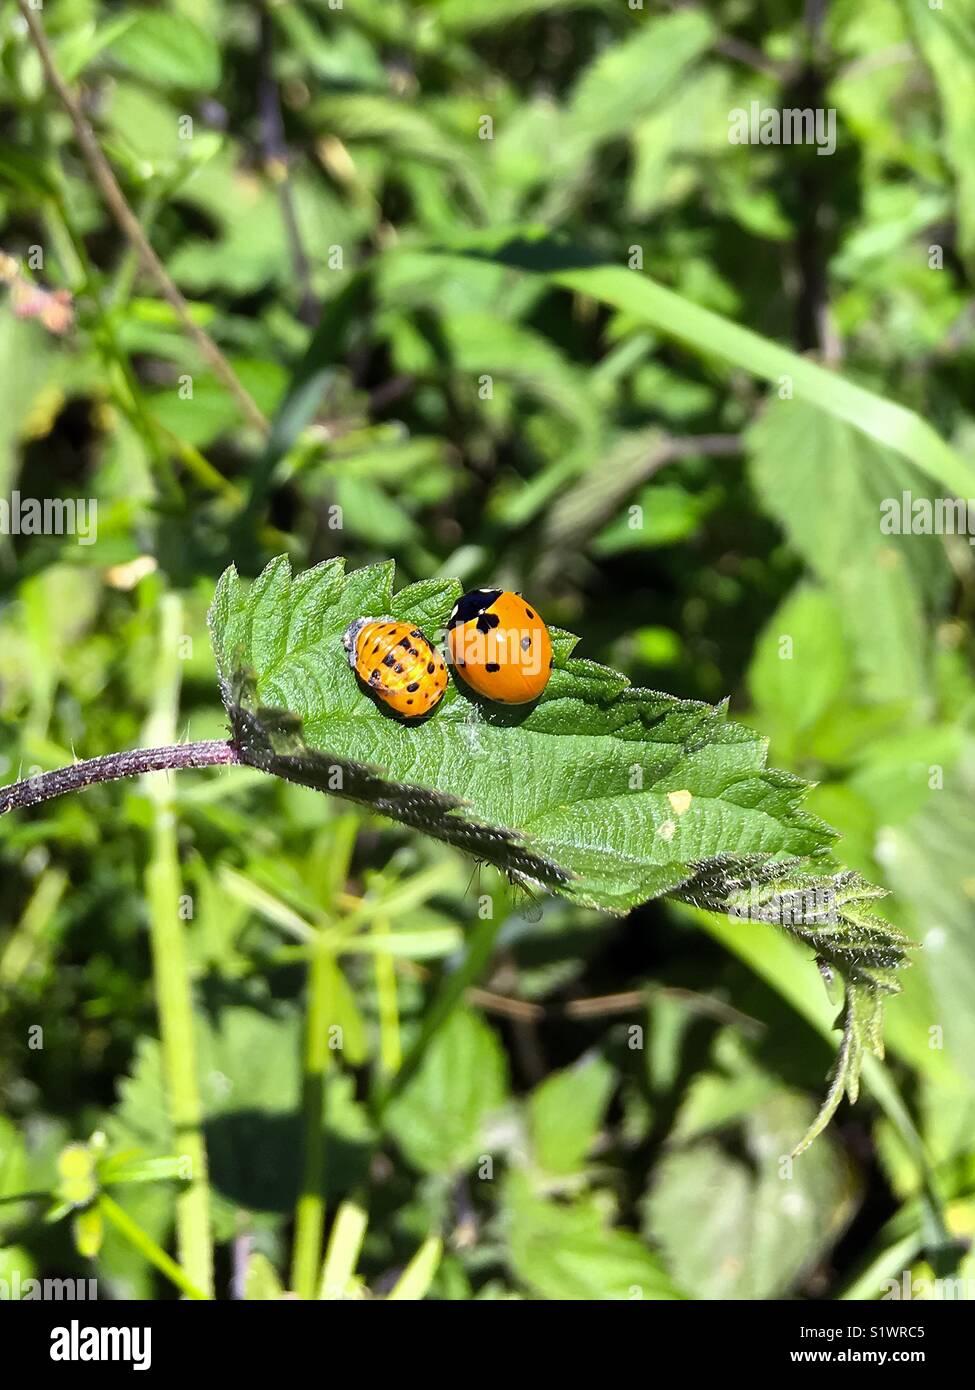 Coccinelle et larve pupe sur une feuille verte Photo Stock